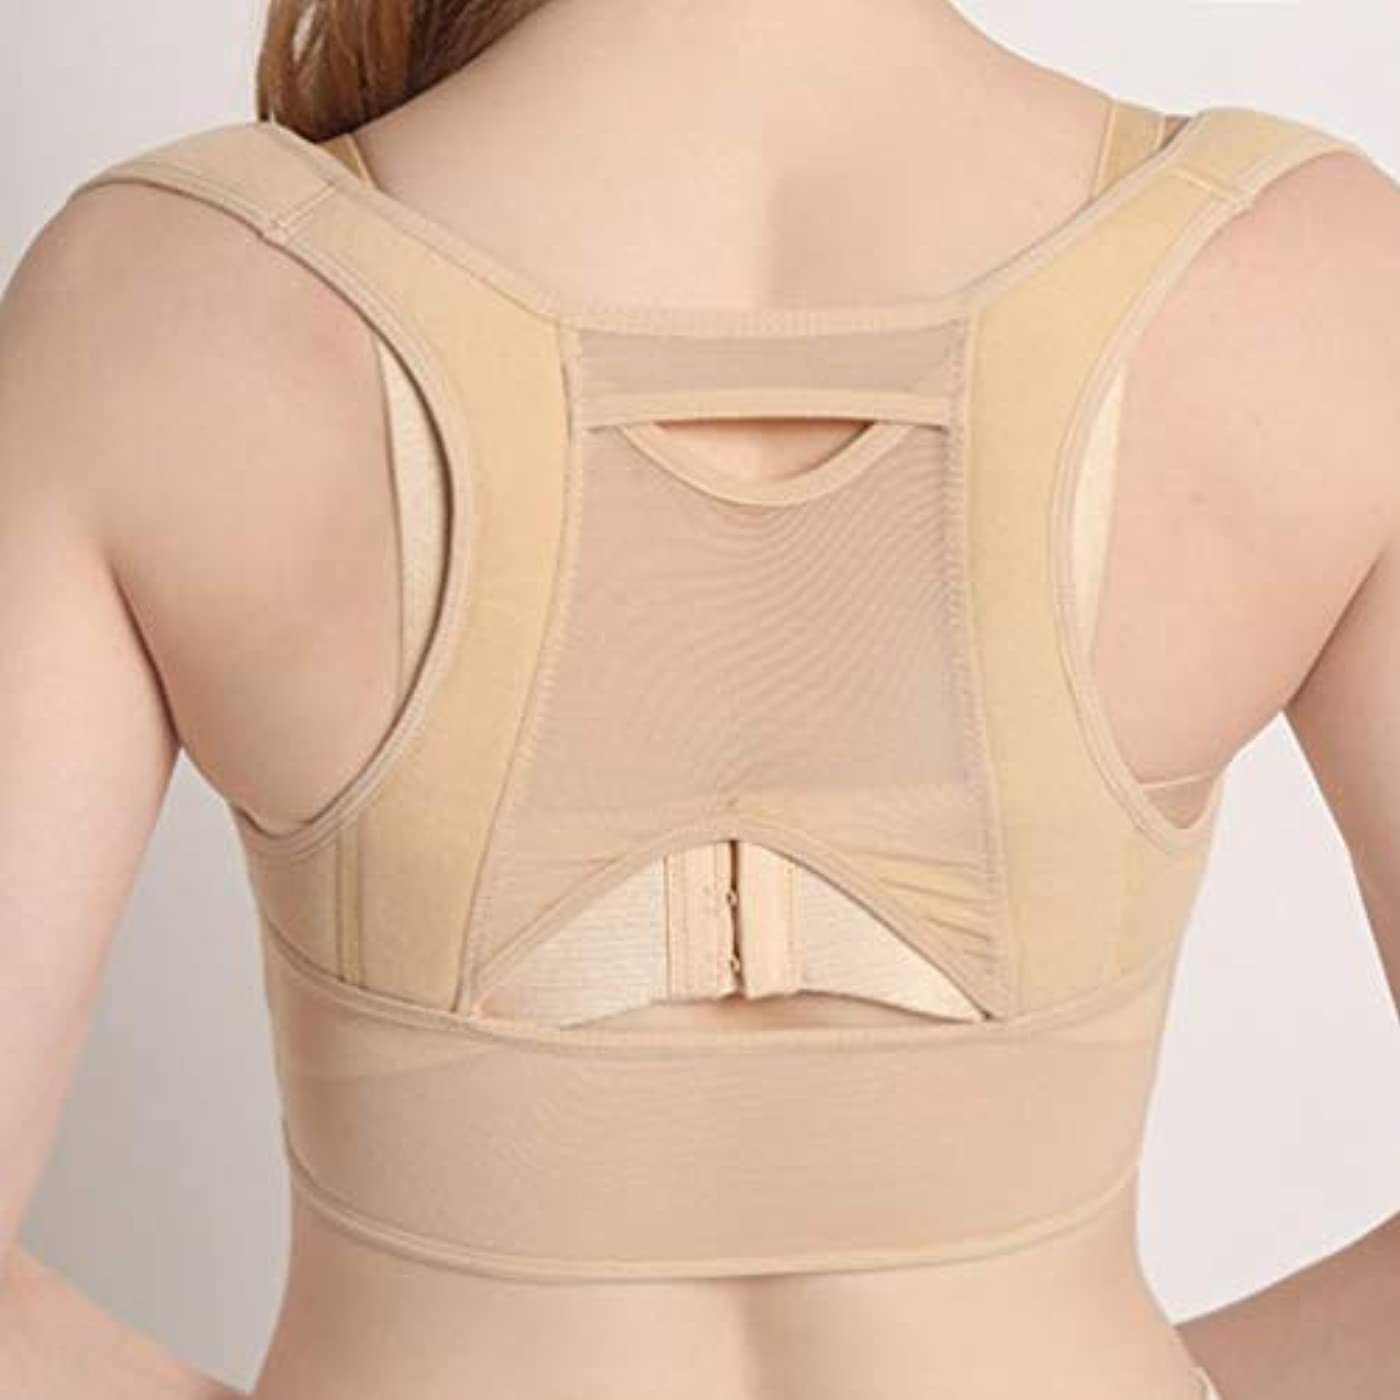 対立キャップ離れた通気性のある女性の背中の姿勢矯正コルセット整形外科の肩の背骨の姿勢矯正腰椎サポート - ベージュホワイトM